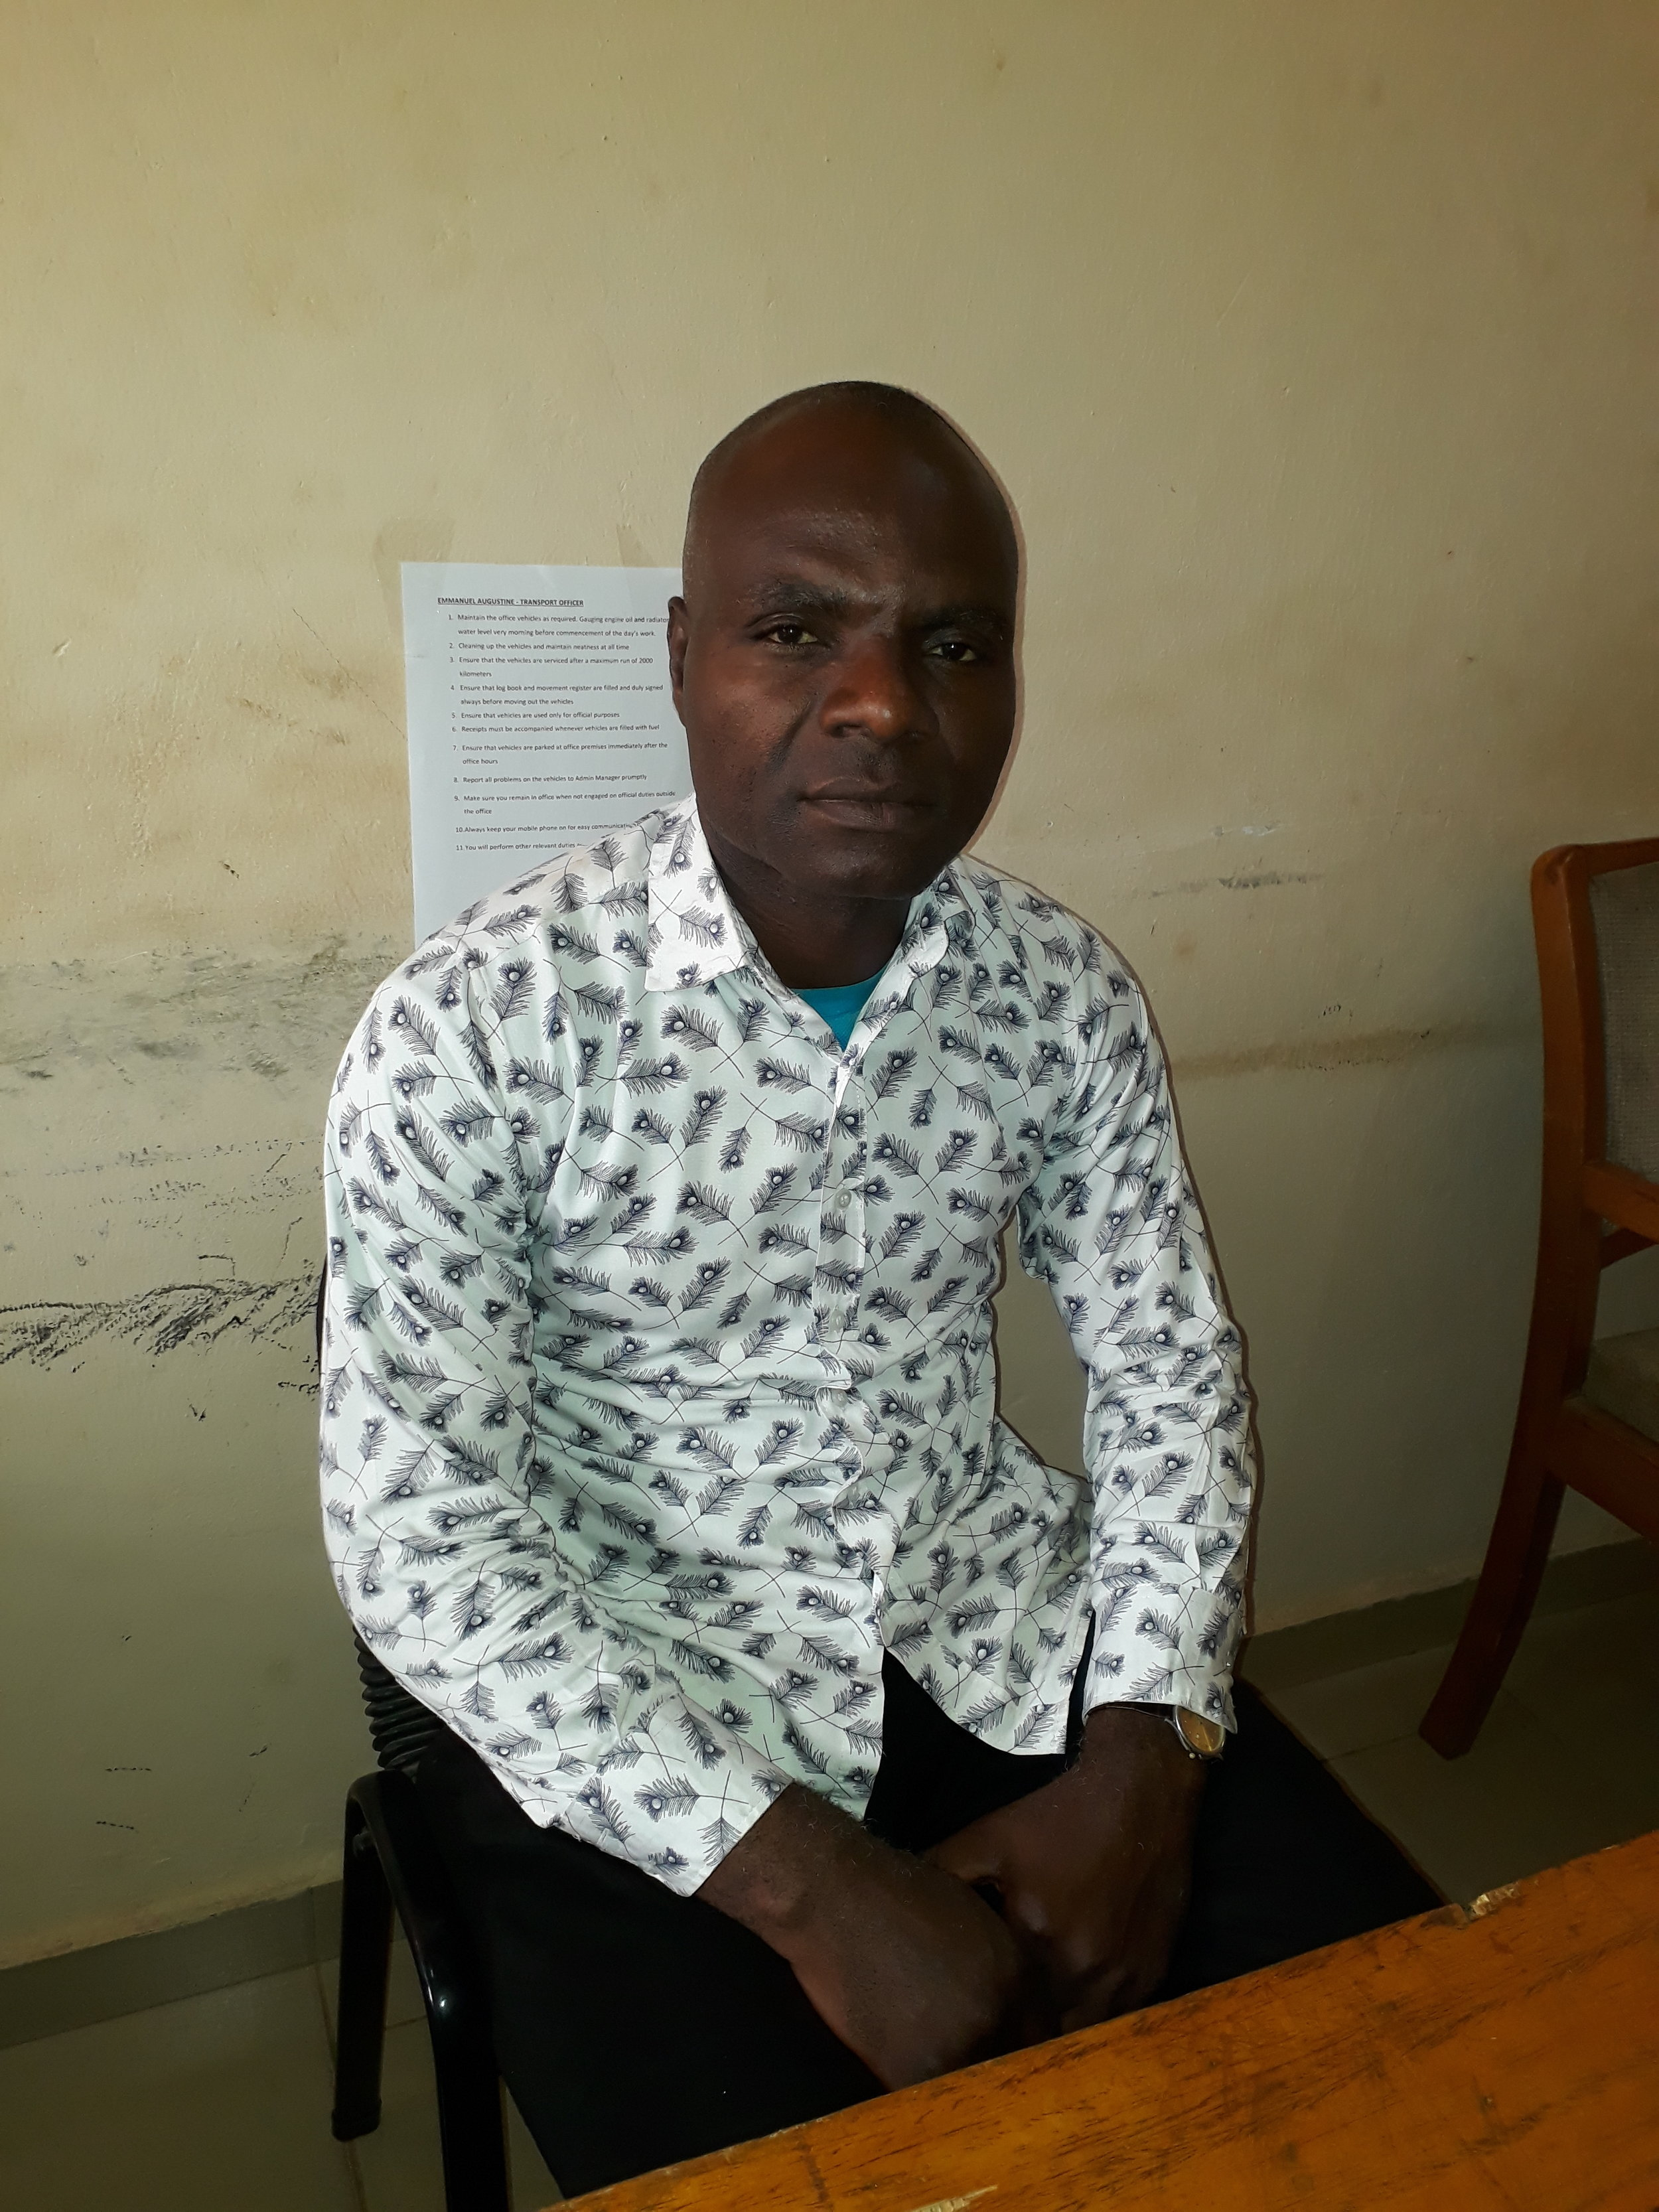 Emmanuel Augustine, Transport Officer, IMC. Mobile number: 0802-852-4440. Email:dlordservant@gmail.com